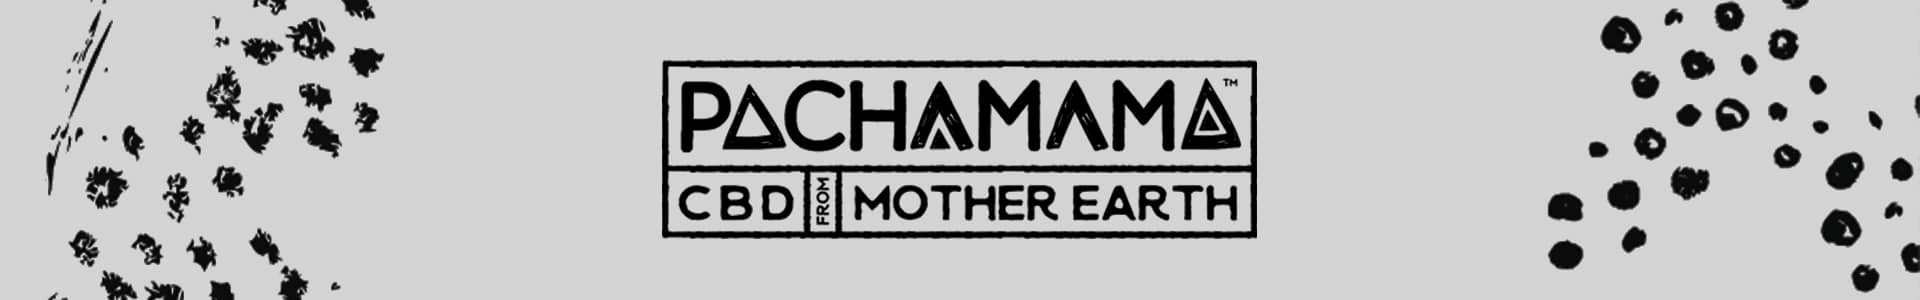 pachamama-cbd